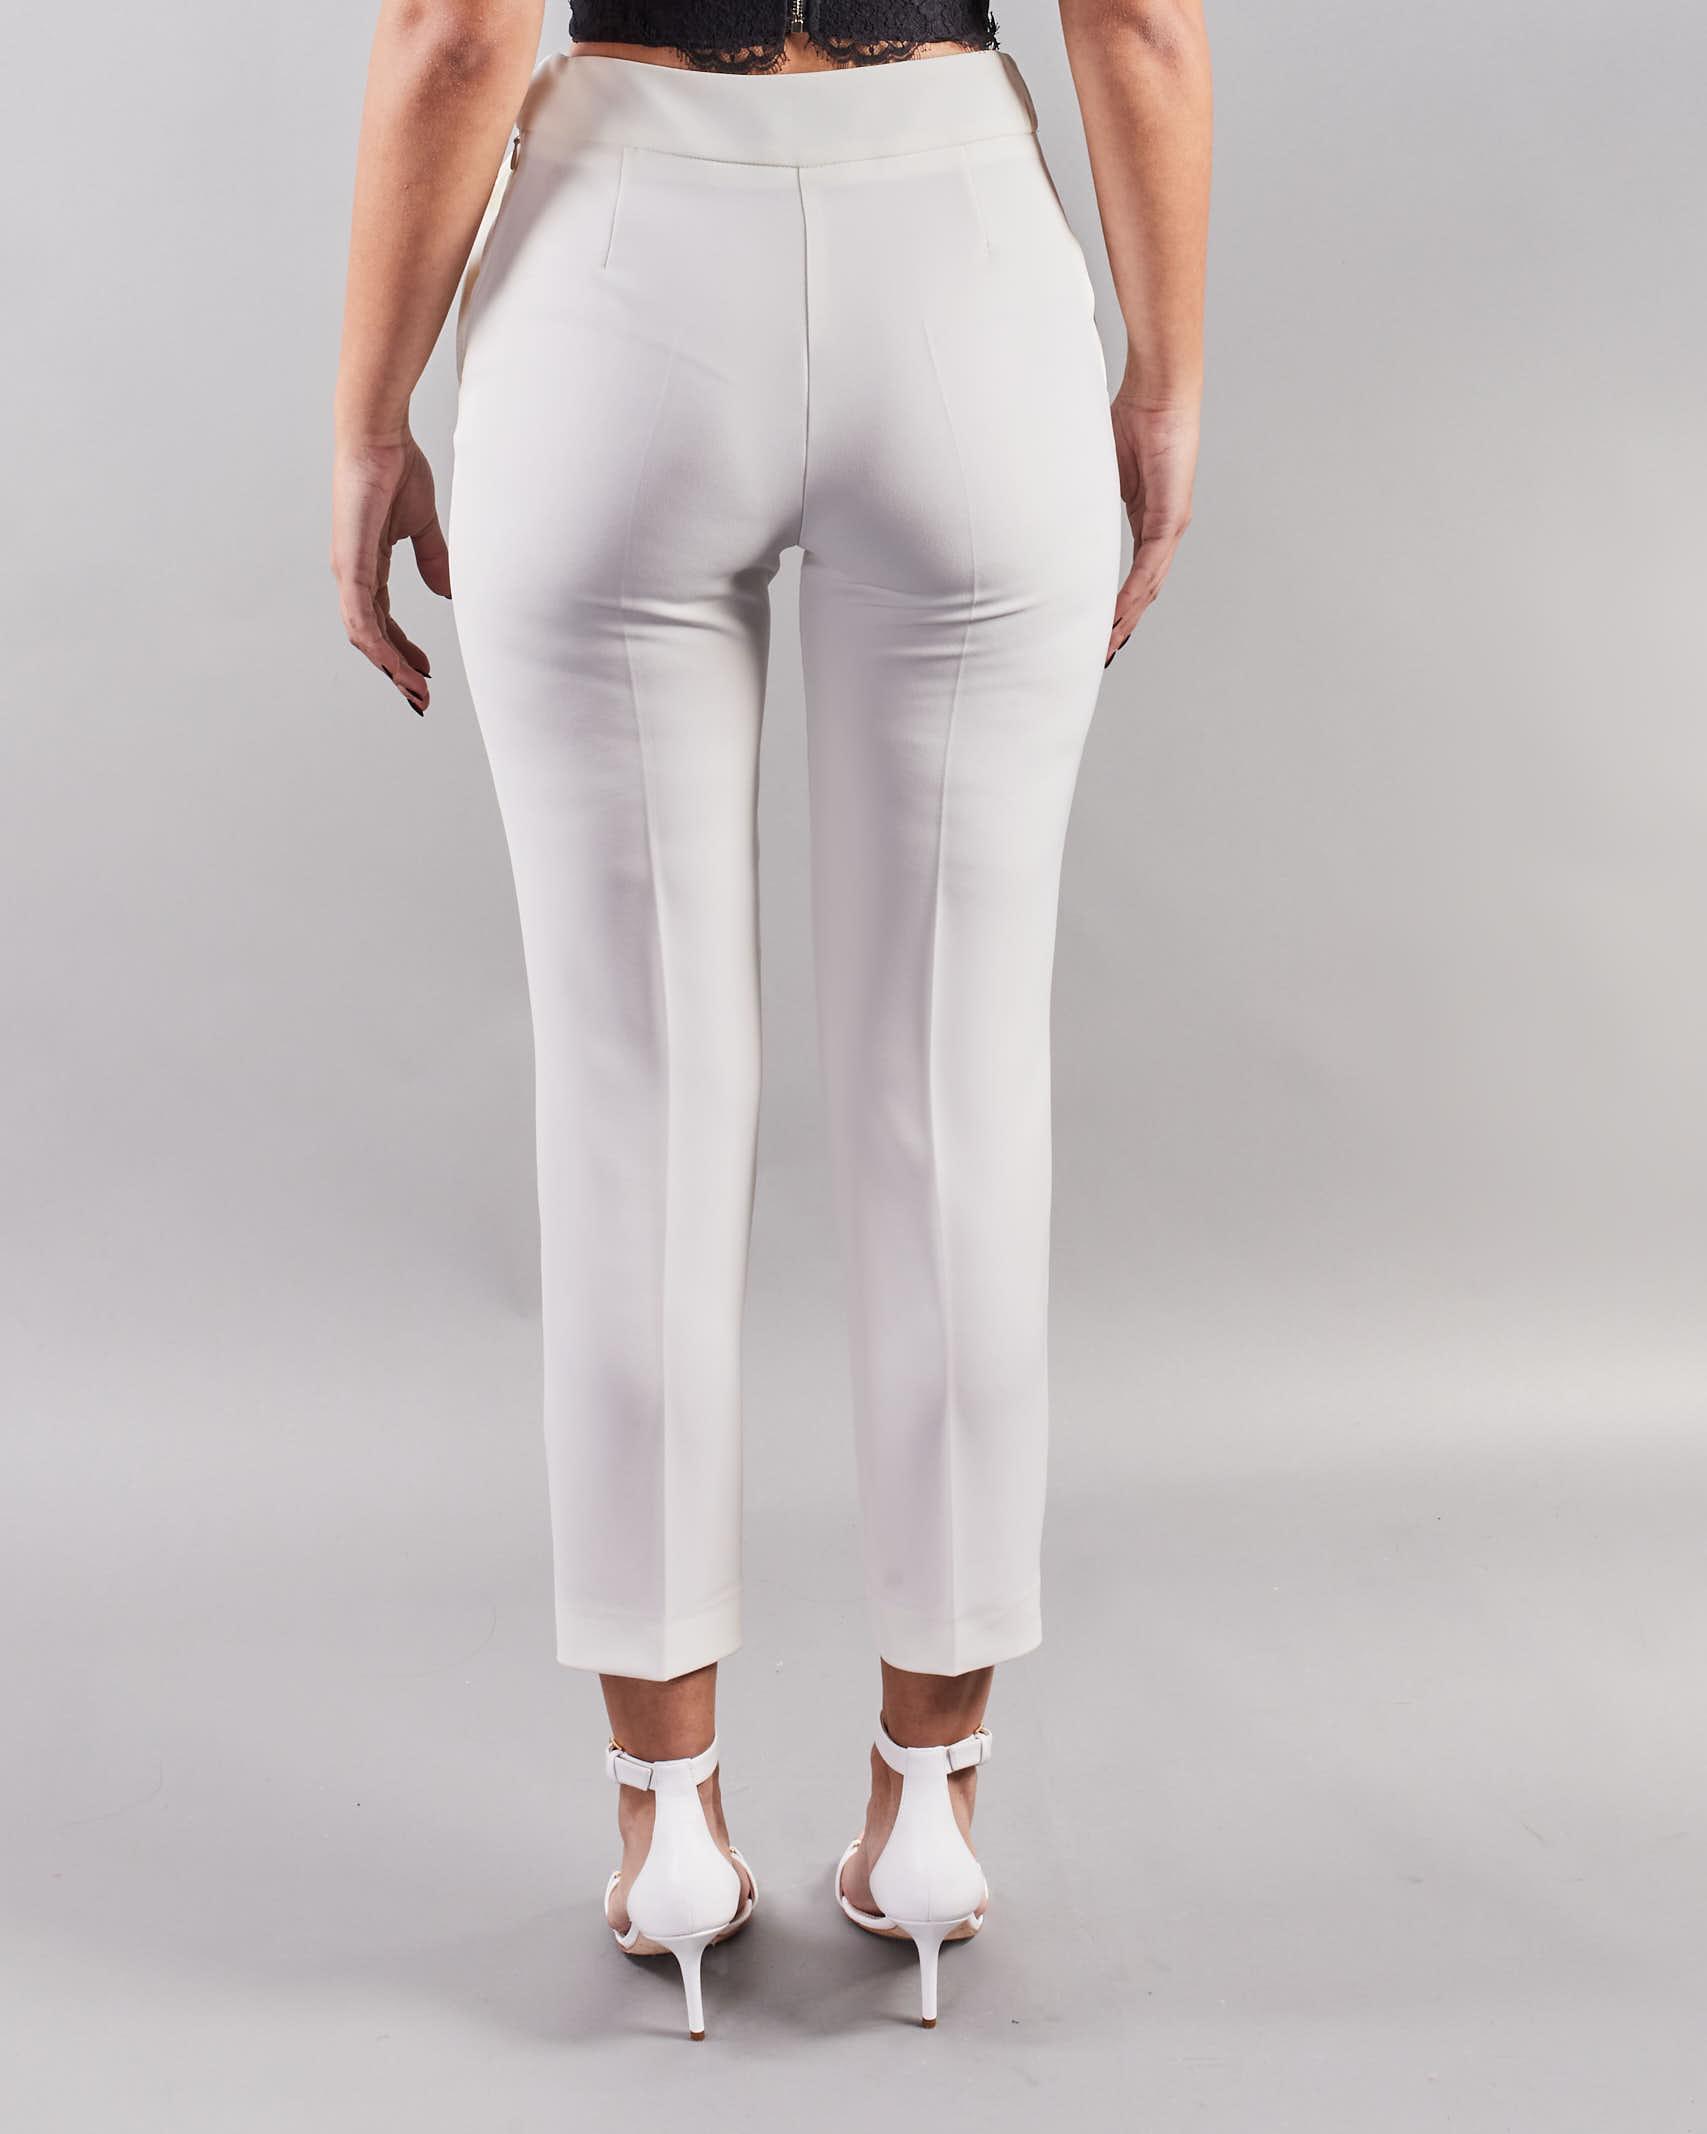 Pantalone con accessorio Simona Corsellini SIMONA CORSELLINI   Pantalone   PA02601TCRP0002359